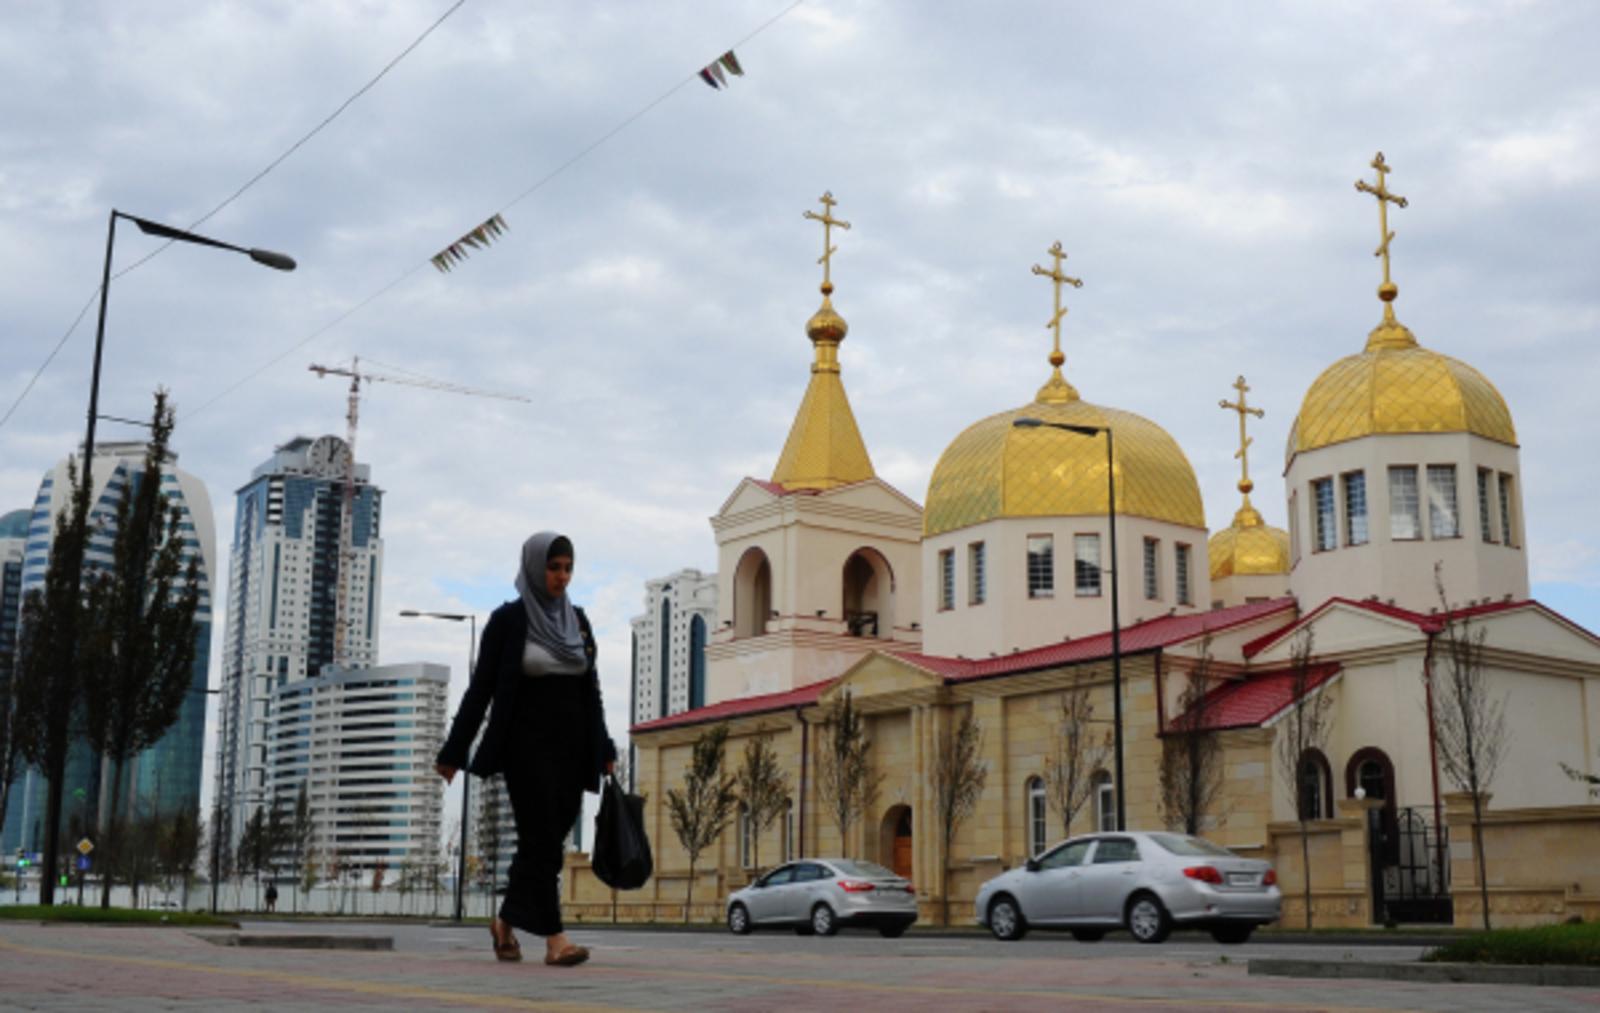 Кадыров рассказал об атаковавших храм в Грозном и их истинной цели (ВИДЕО)